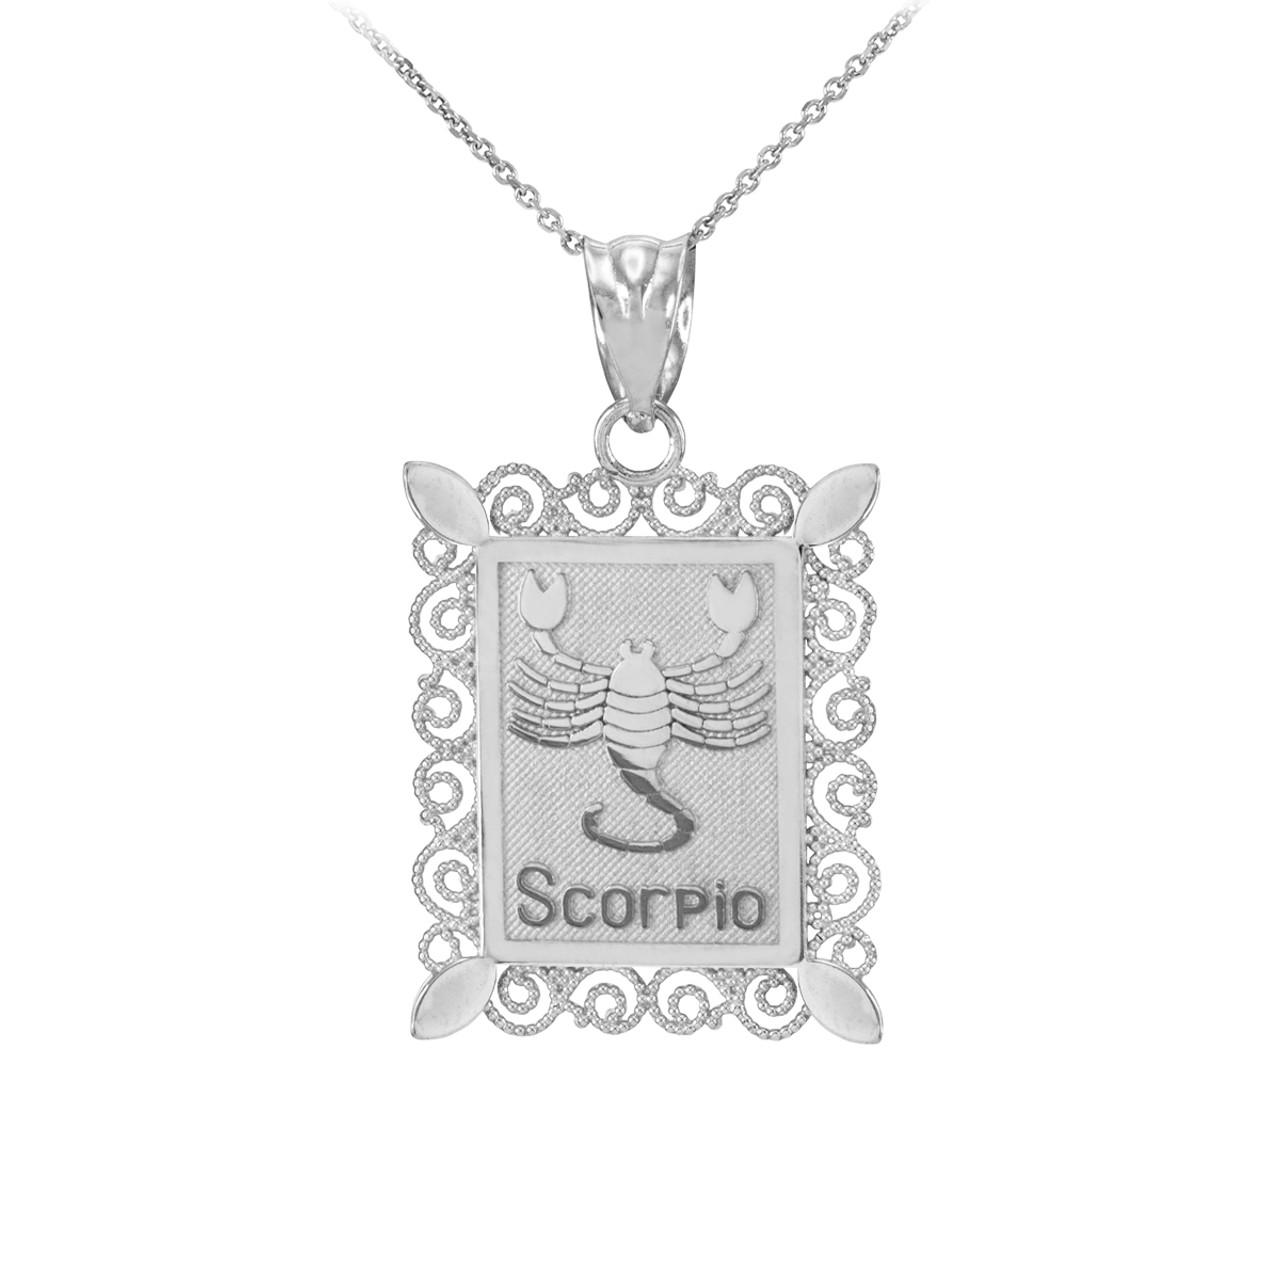 Gold scorpio zodiac sign filigree square pendant necklace white gold scorpio zodiac sign filigree square pendant necklace aloadofball Image collections